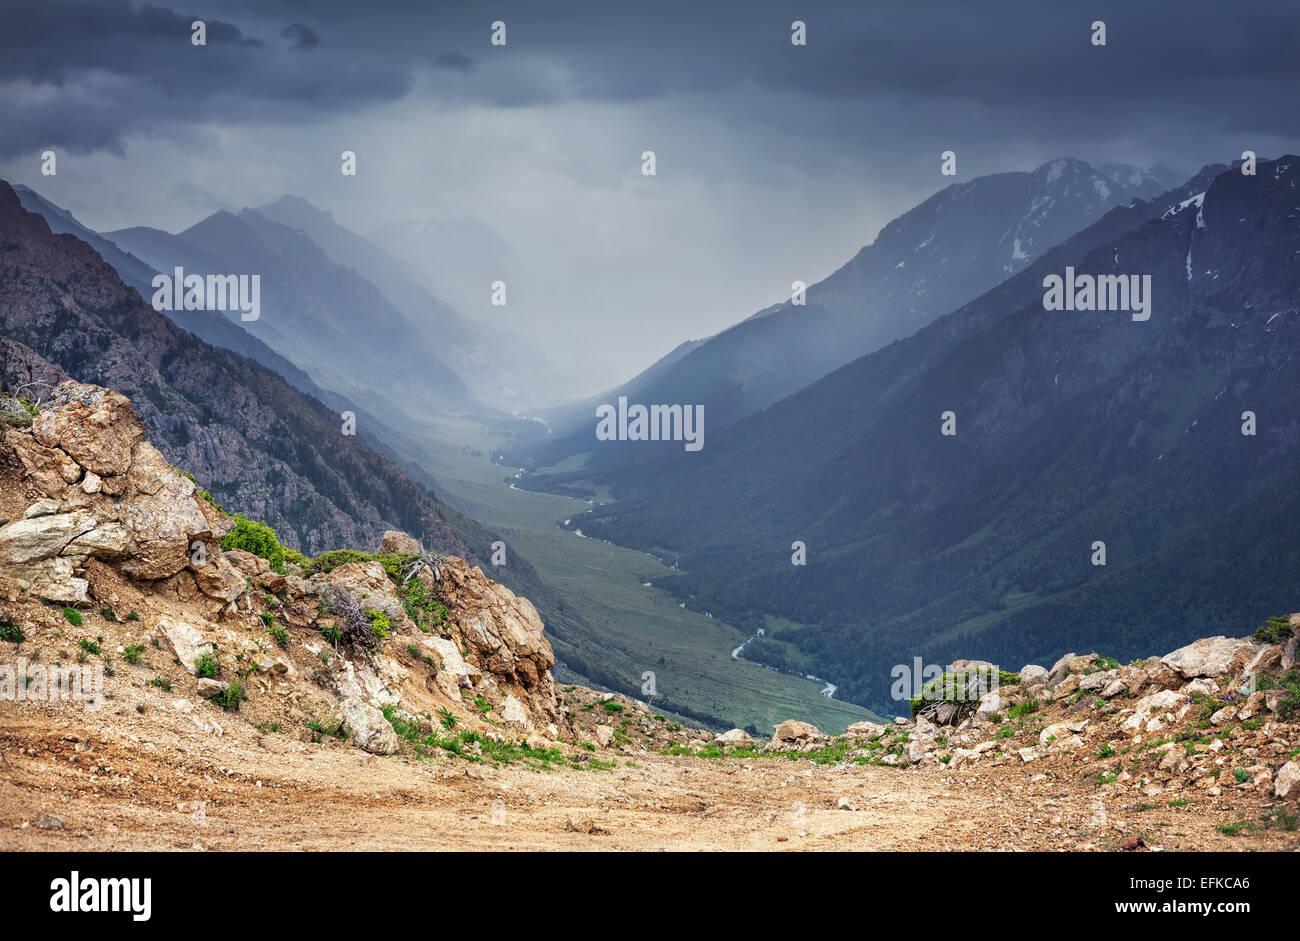 Valle de montaña con río y nublado cielo gris de Dzungarian Alatau Kazajstán, Asia Central Imagen De Stock